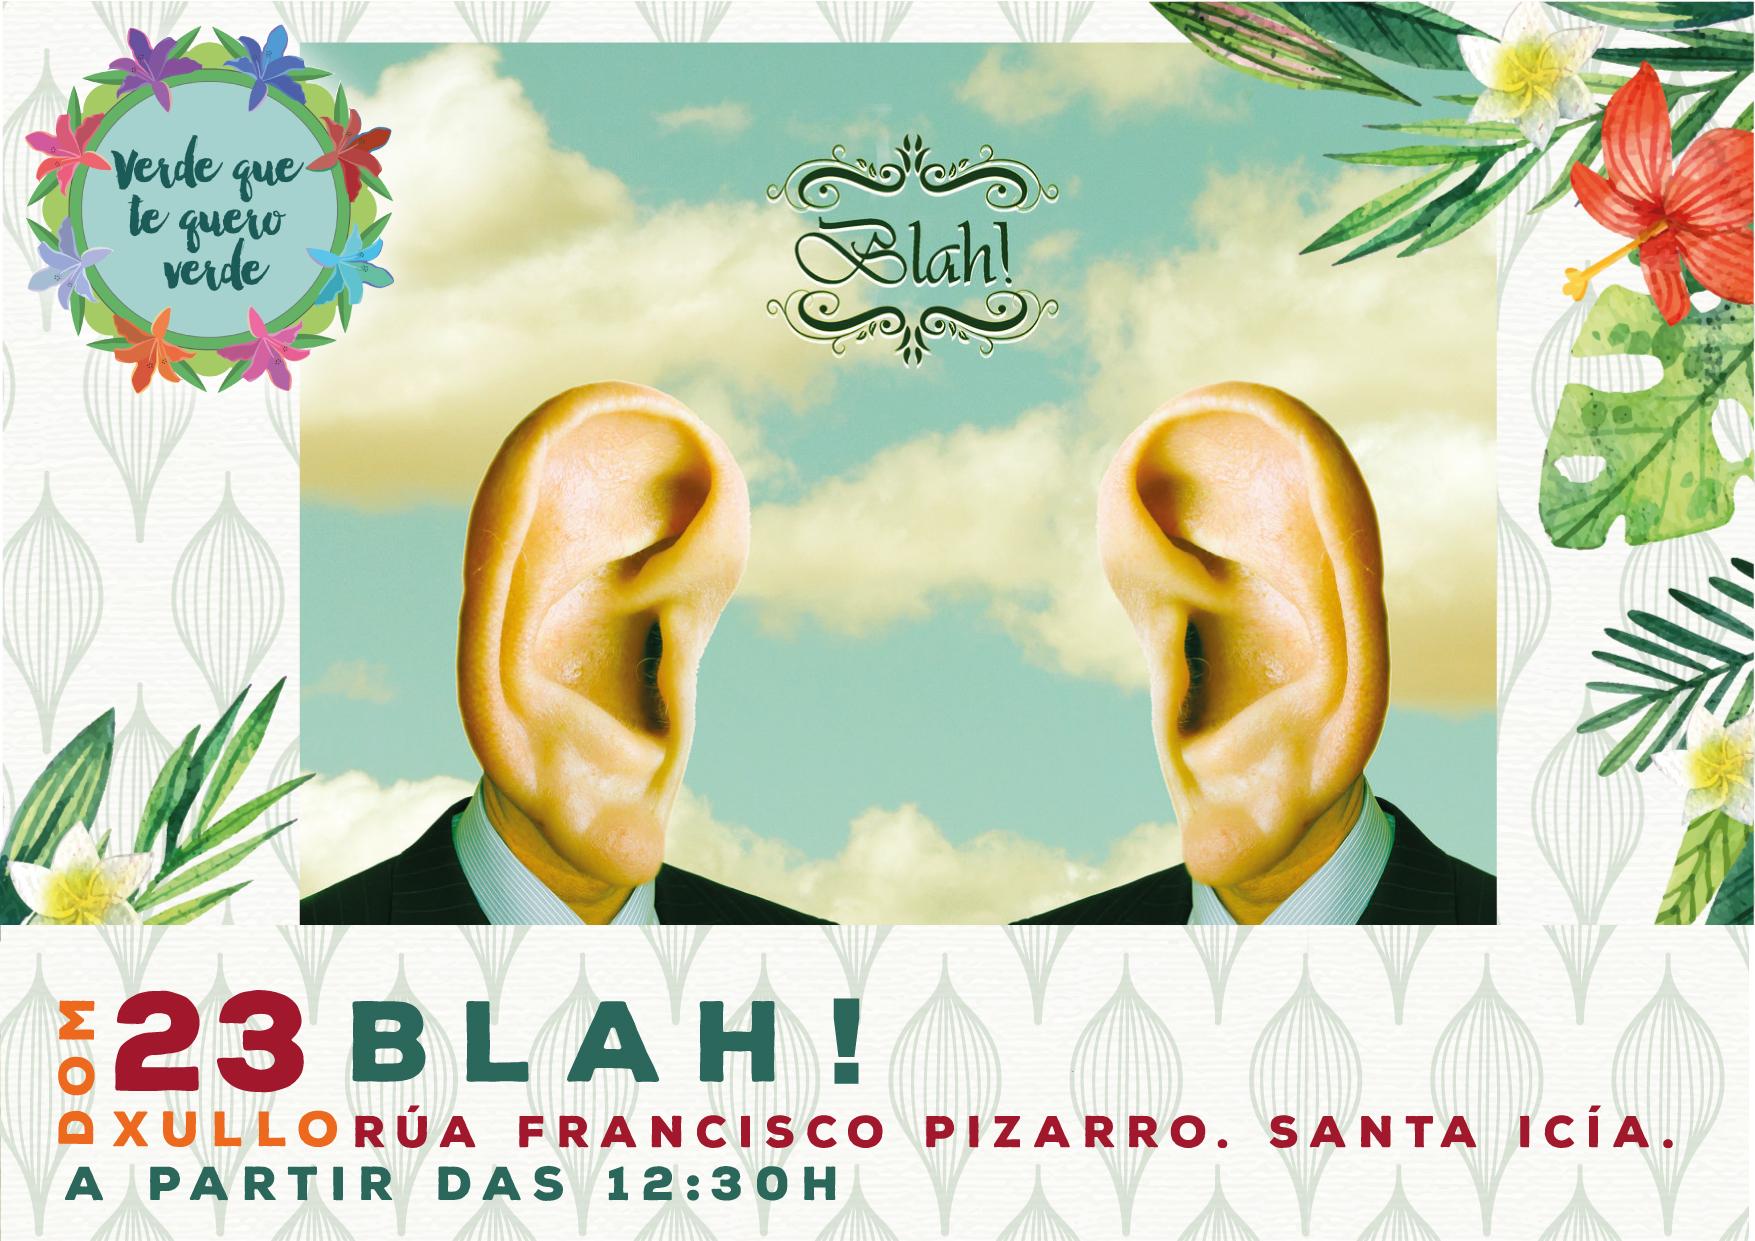 """A zona verde da rúa Francisco Pizarro, en Santa Icía, acollerá o vindeiro domingo, día 23, os dous últimos espectáculos do programa municipal """"Verde que te quero verde""""."""